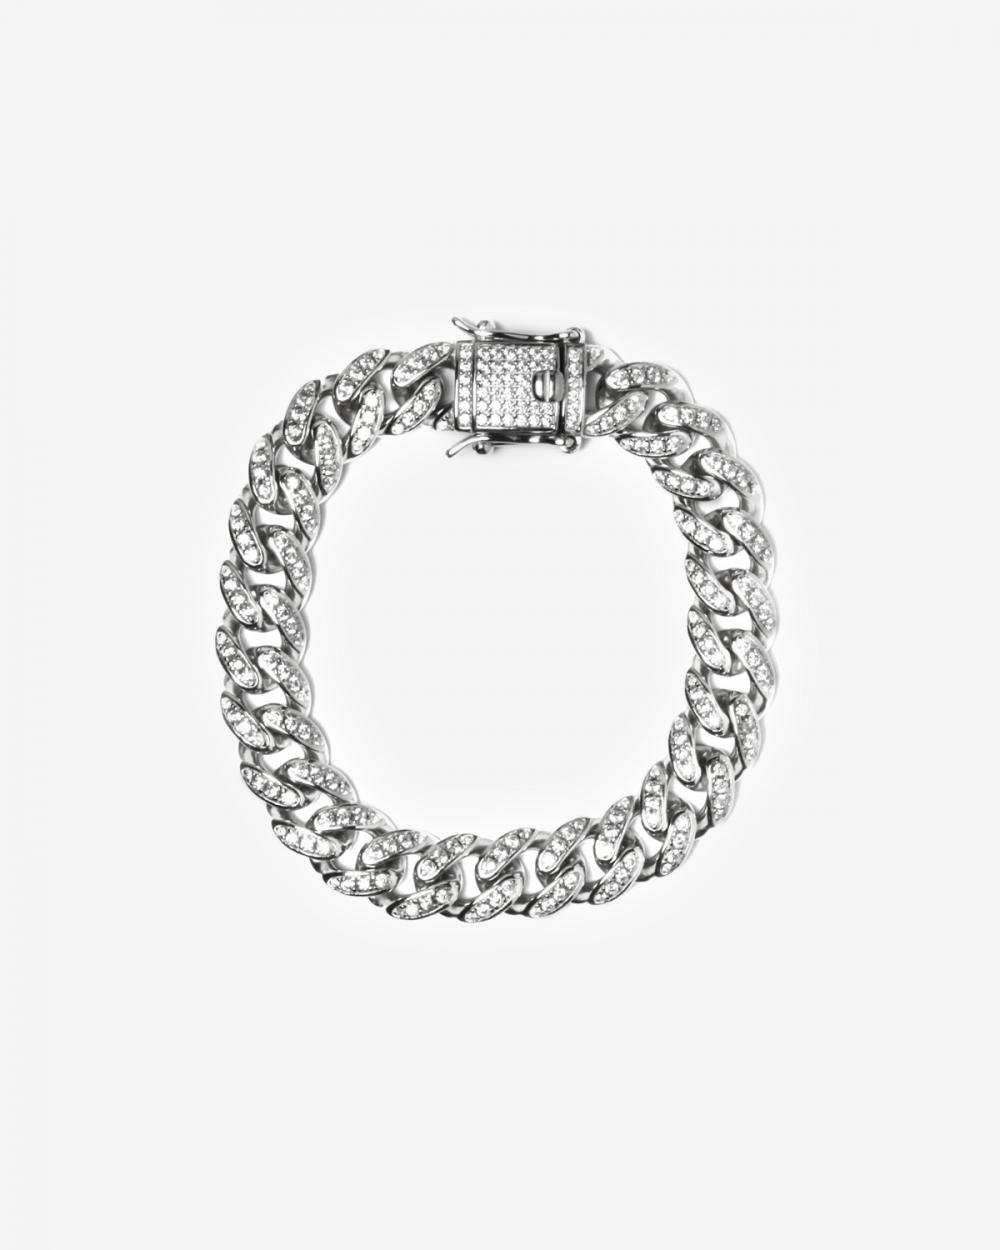 Bracelets H100 SILVER OVAL ZIRCON CURB BRACELET NOVE25